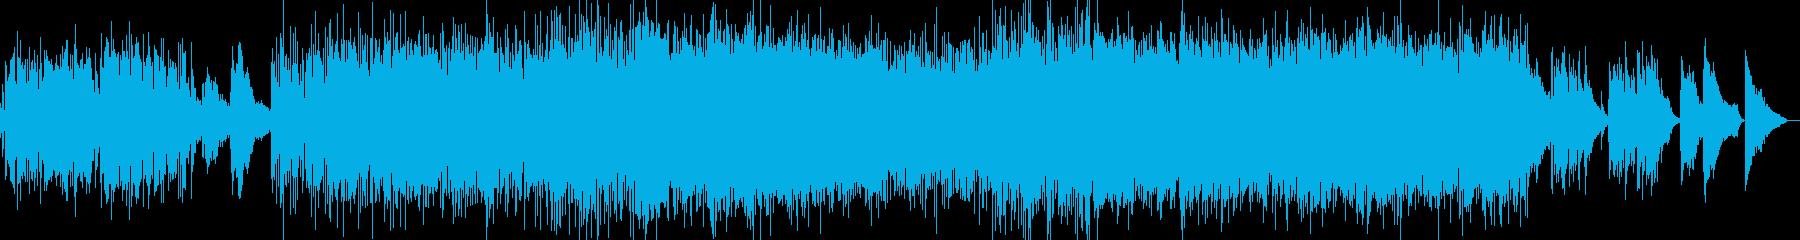 ピアノとエレピがメインのポップバラードの再生済みの波形